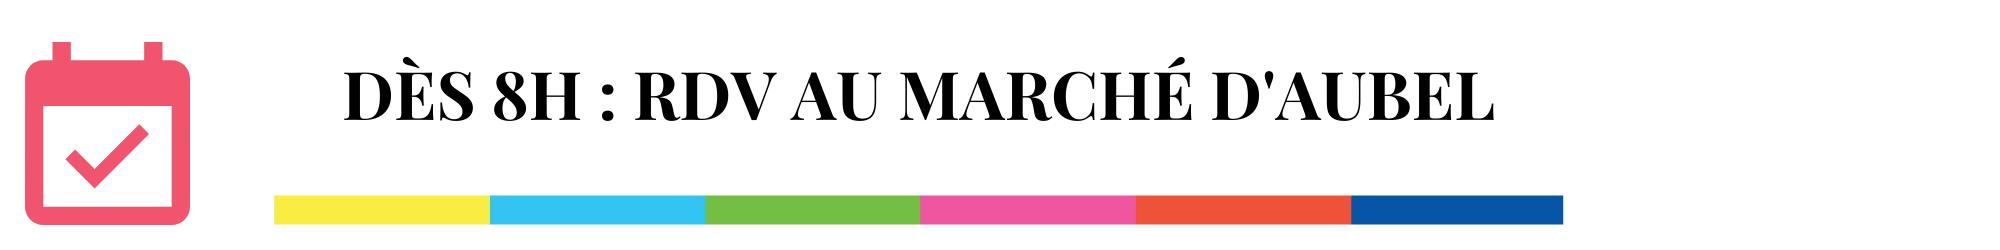 image ds_8h__rdv_au_march_daubel.png (39.9kB)